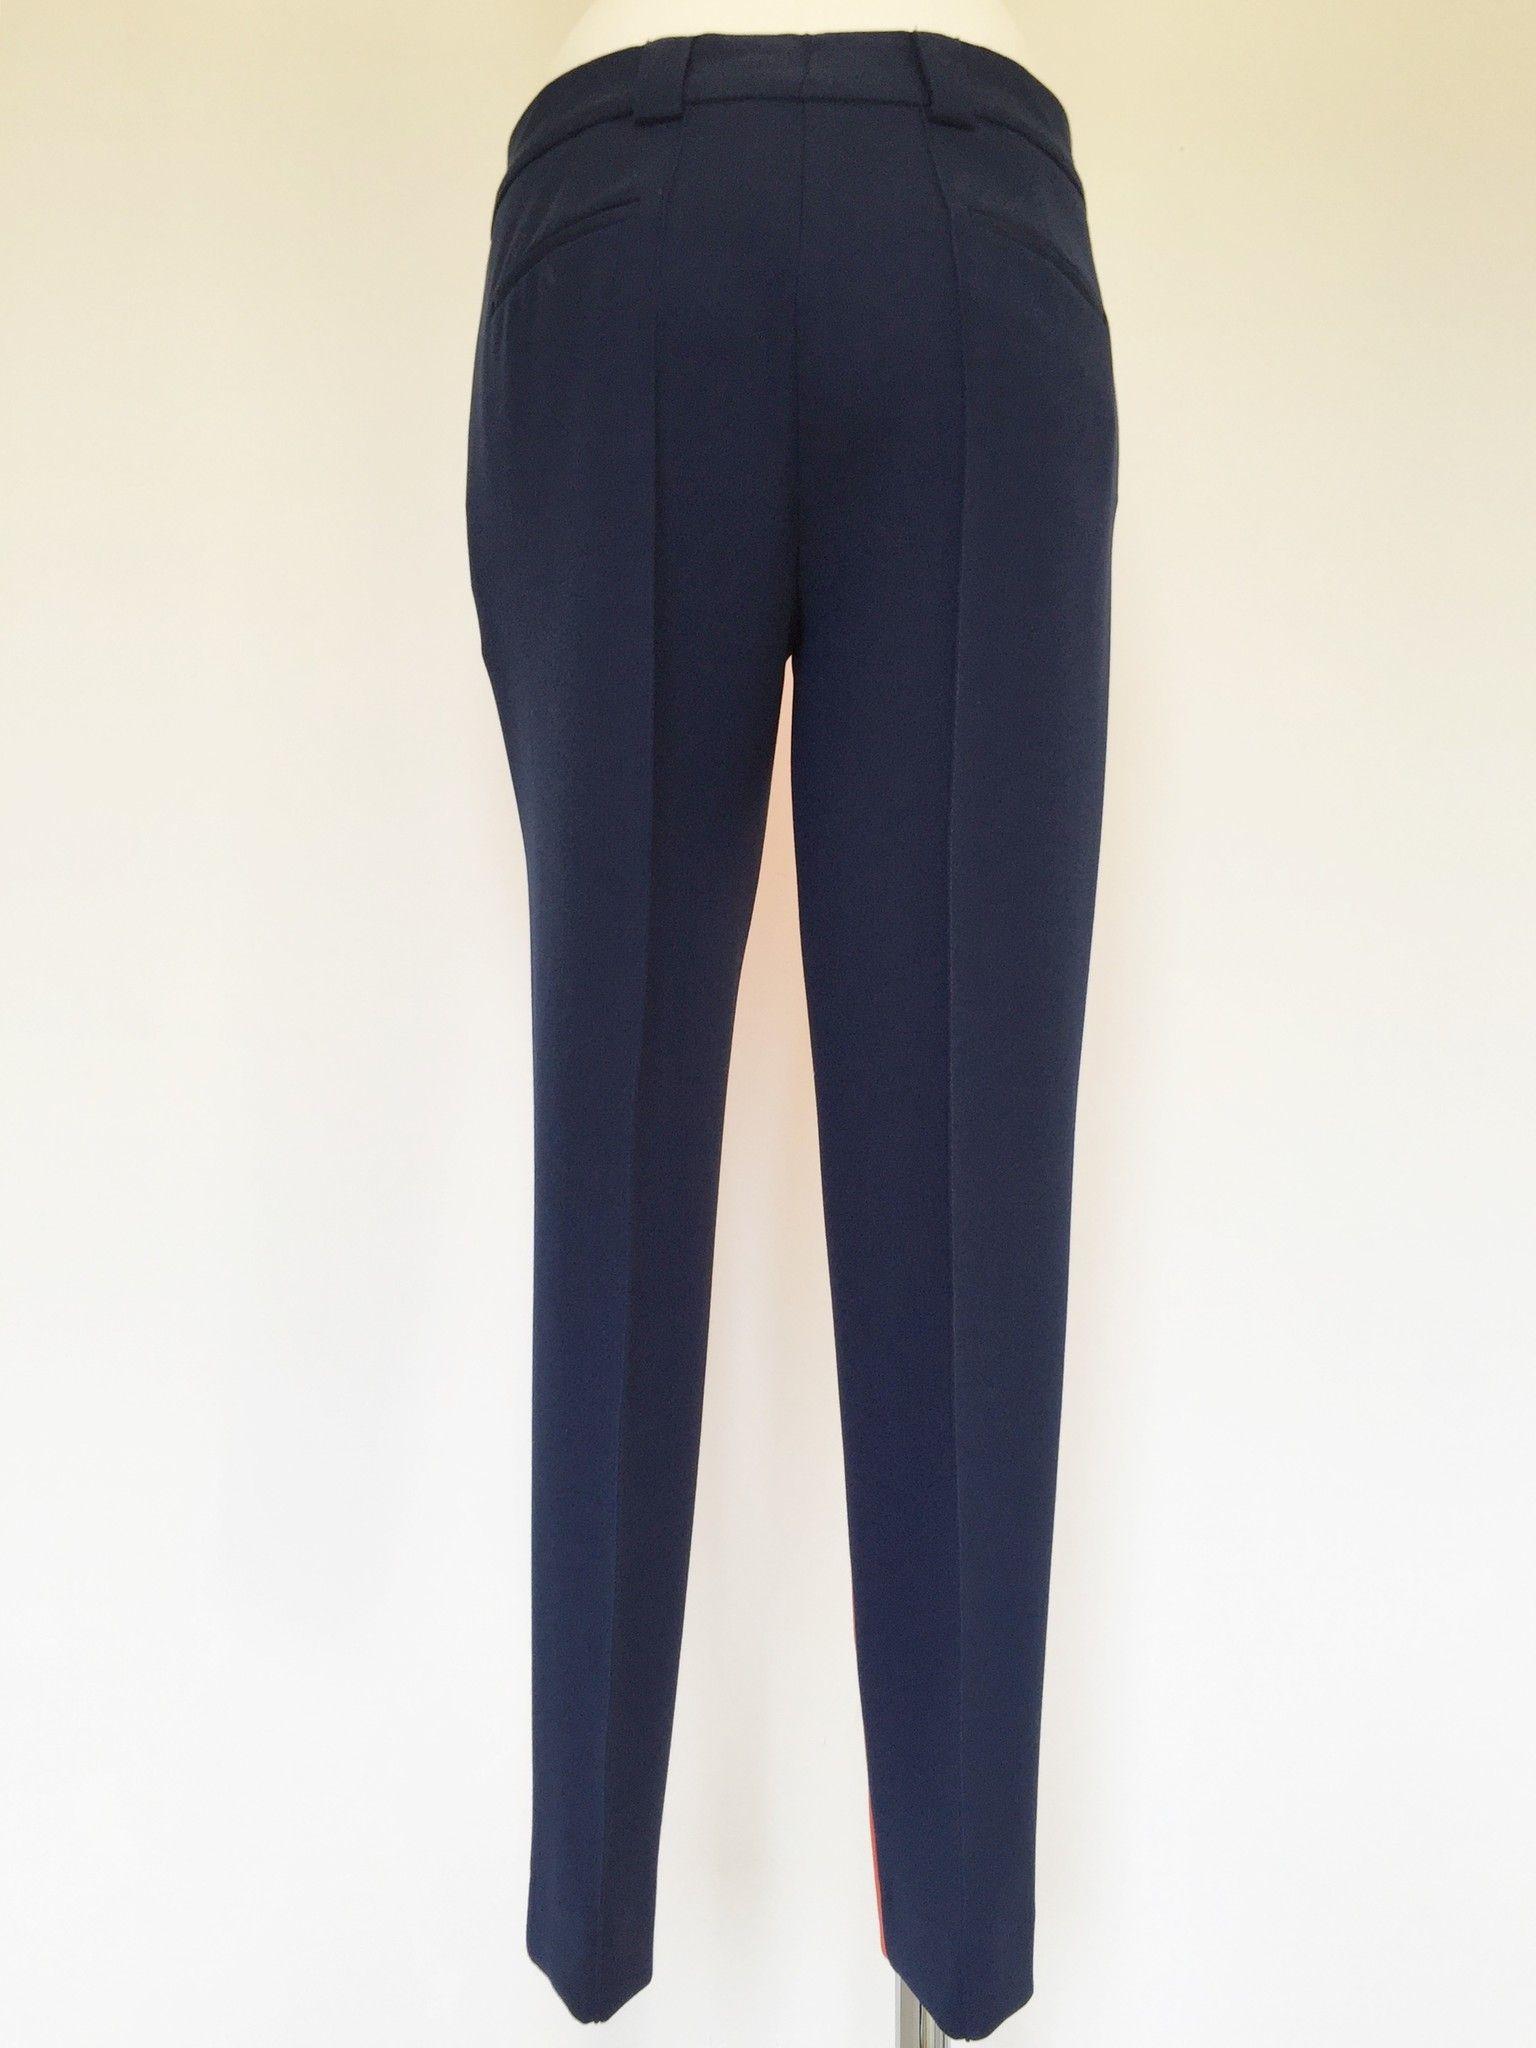 Pantalone Space Modello Capri Cod.AI154006